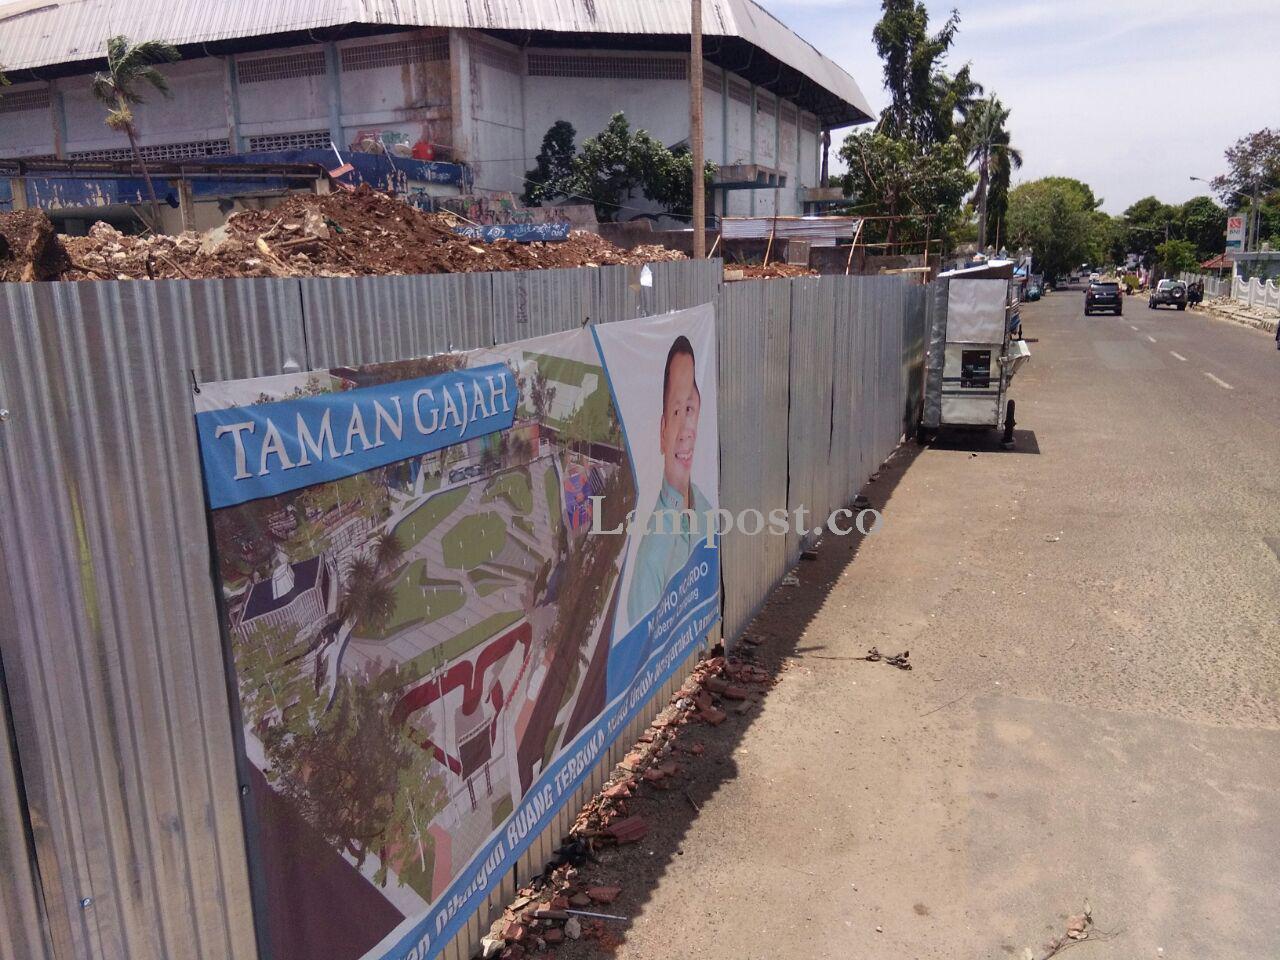 LAMPUNG POST | Warga Apresiasi Pembangunan Taman Gajah  di Enggal